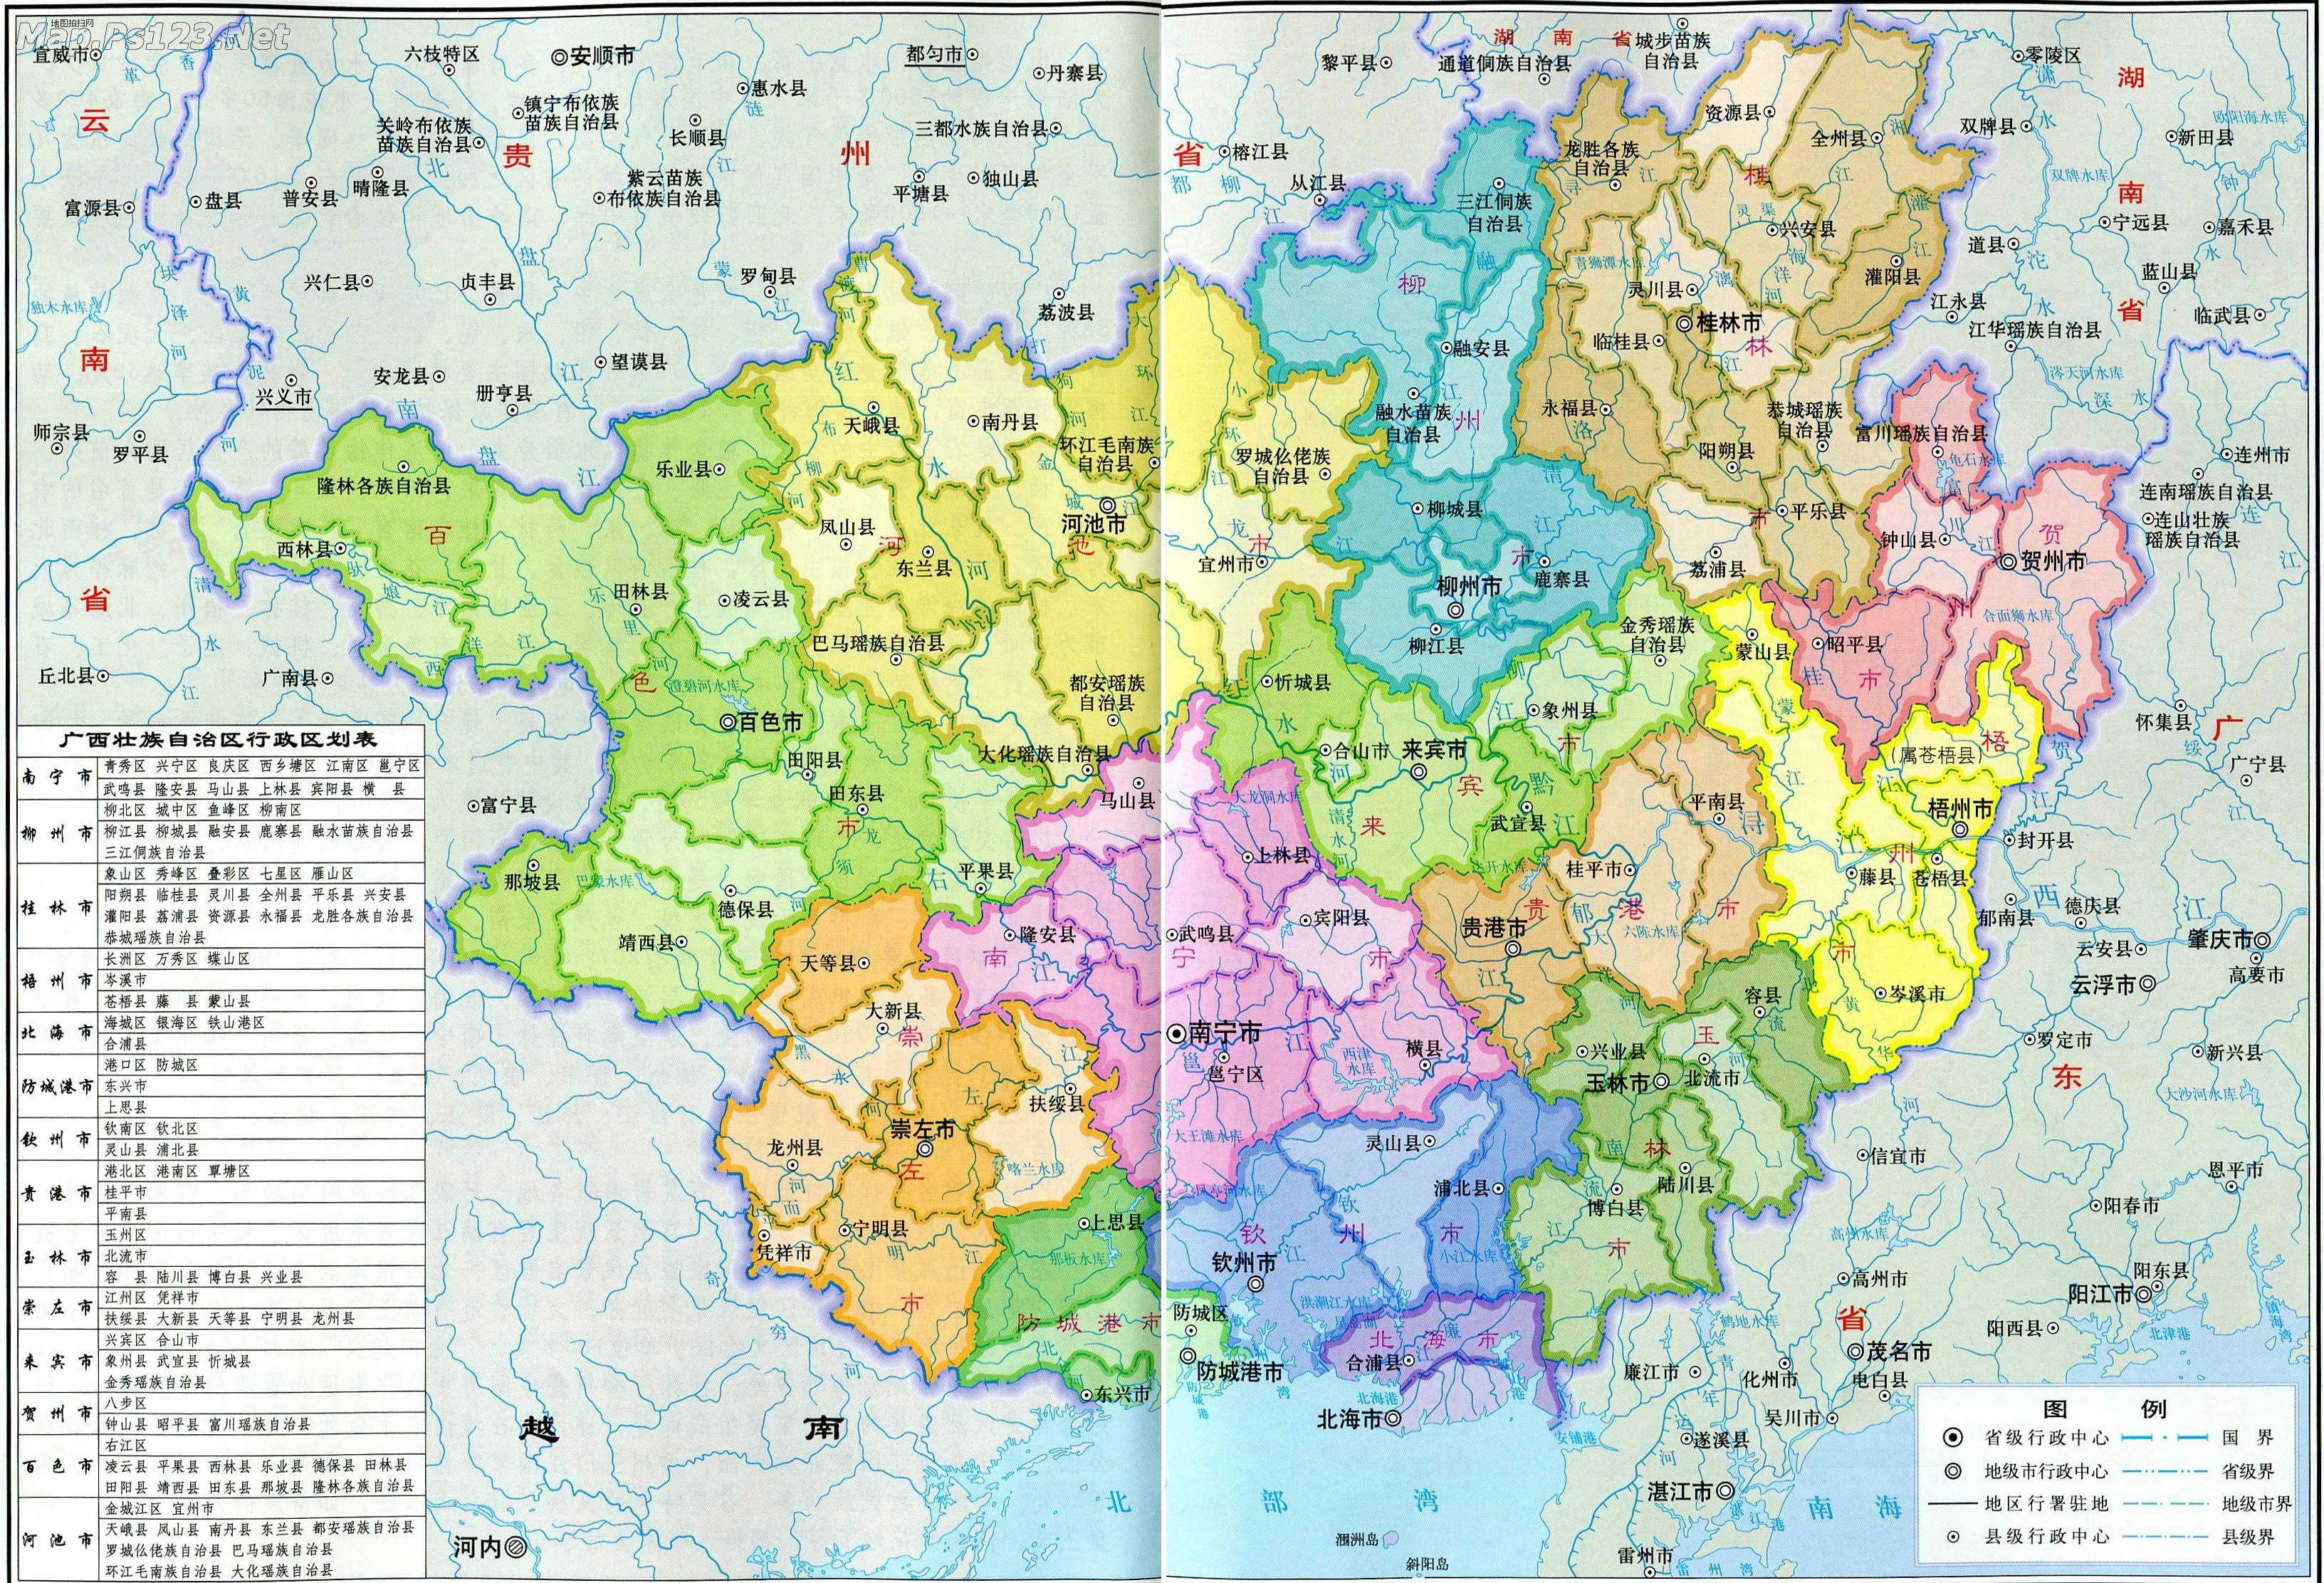 湖北地图全图高清版_湖北省地图高清版大图_湖北省地图高清版下载